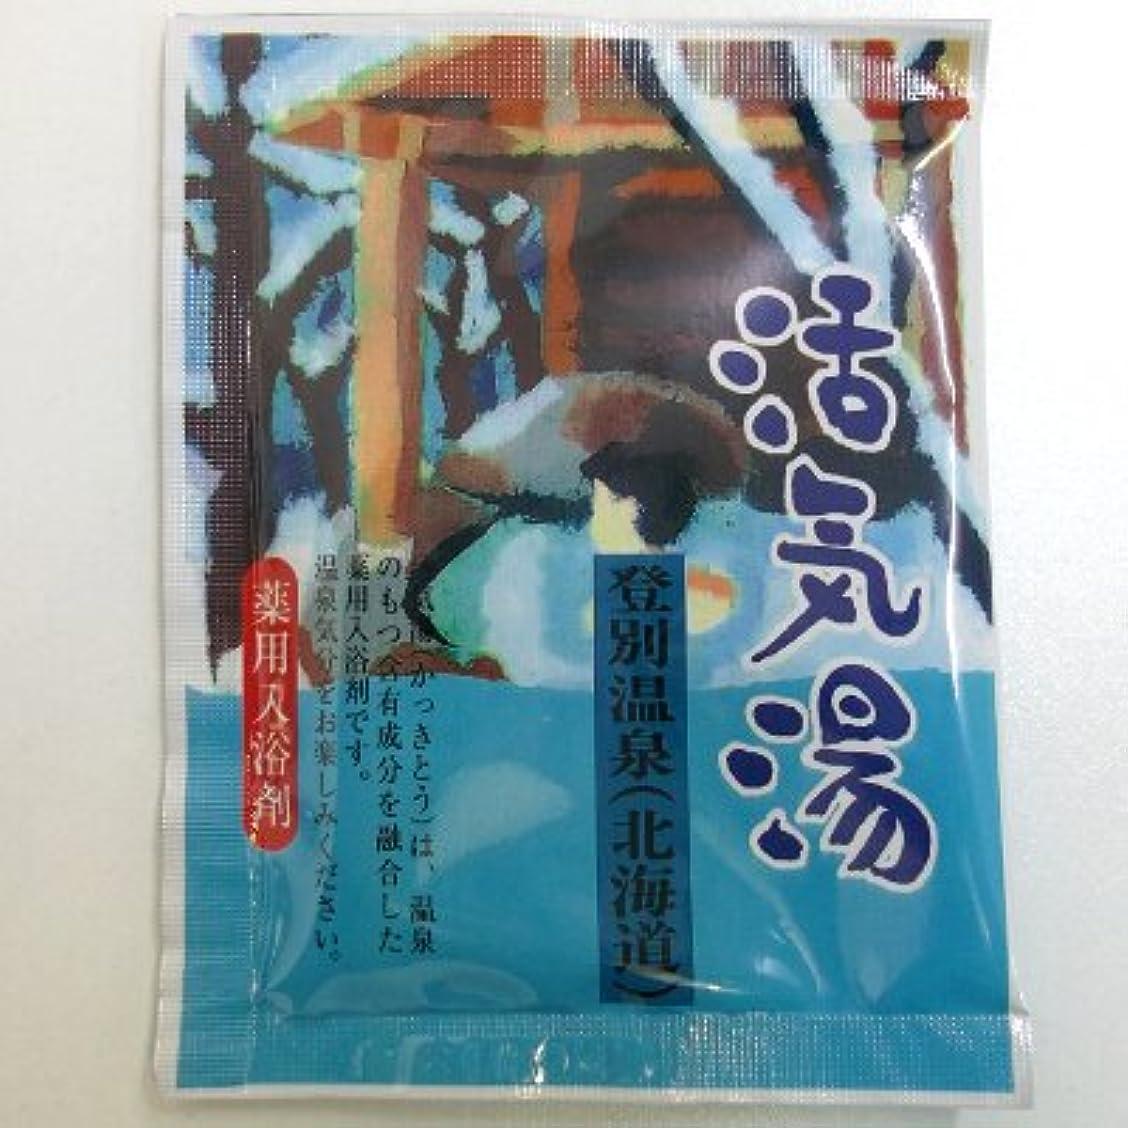 委員会ピカソ忙しい活気湯 登別温泉(ミント)